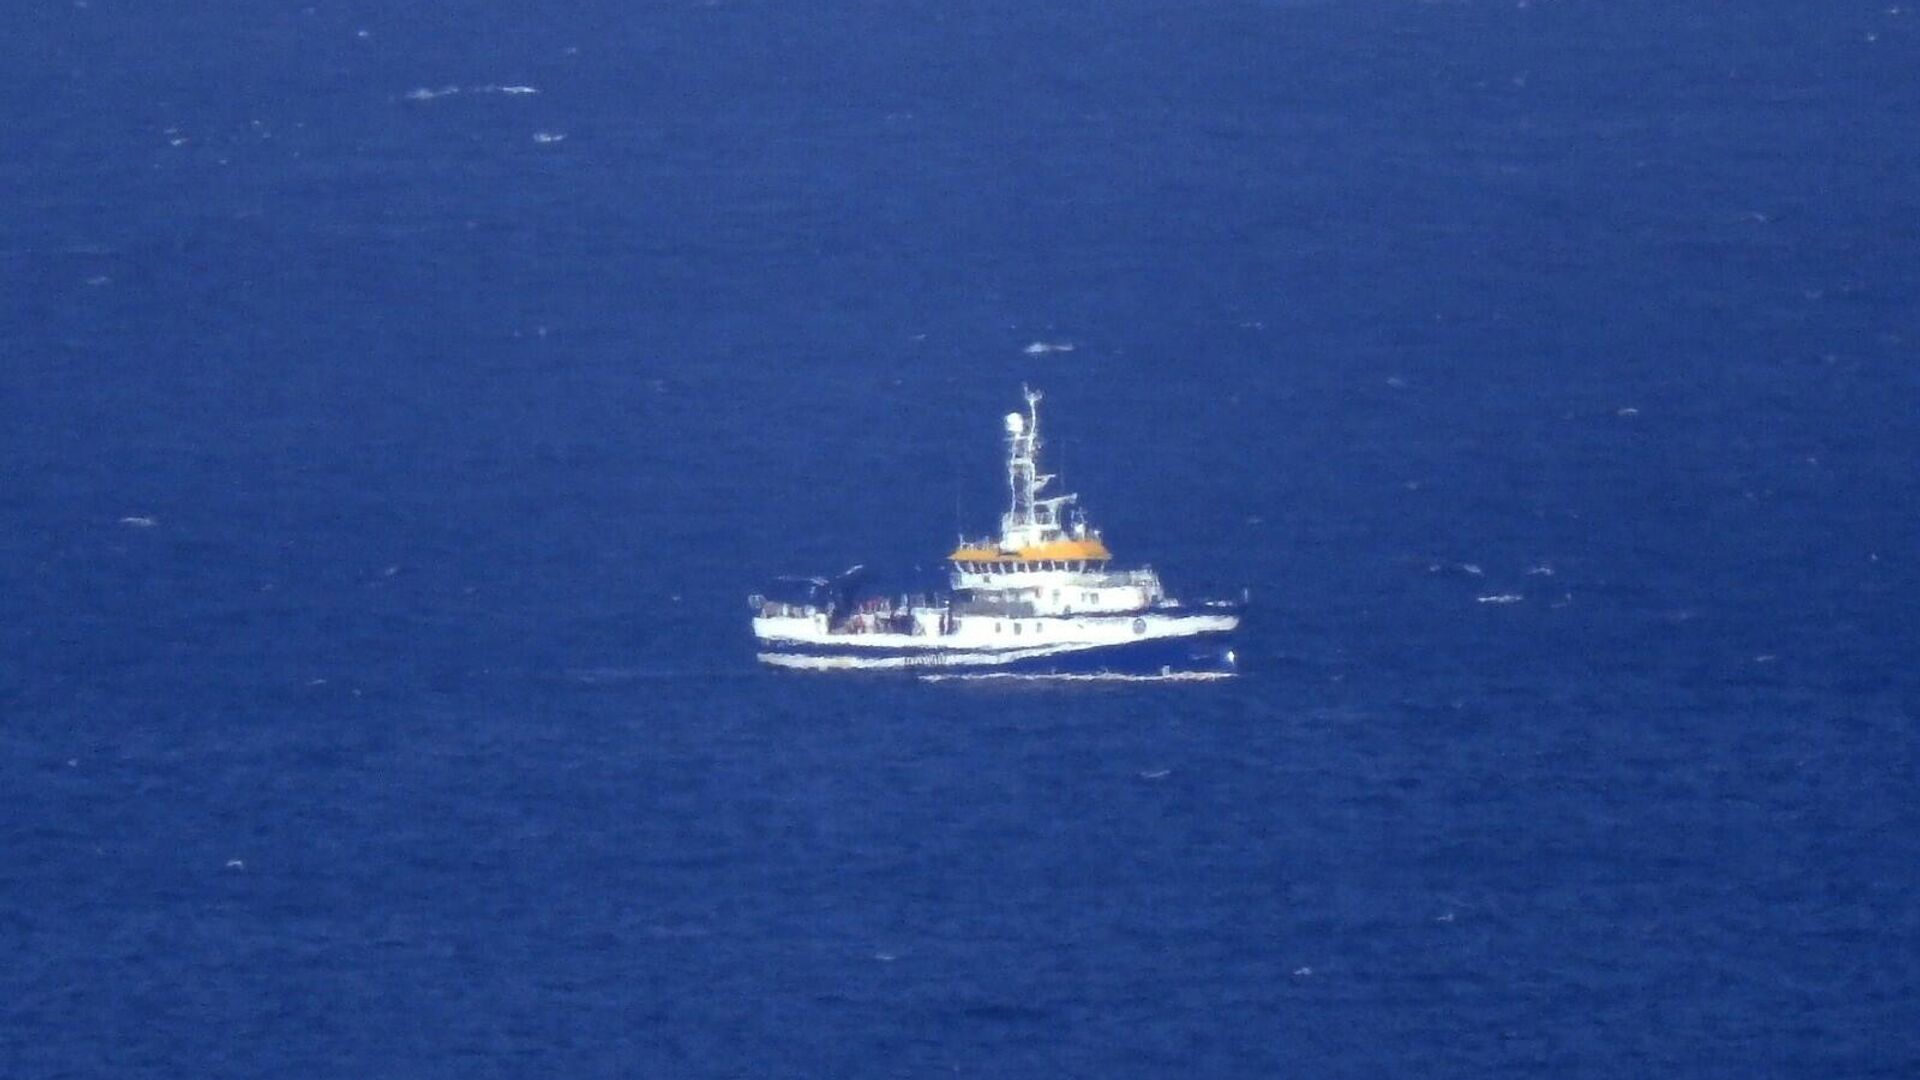 Buque oceanográfico 'Ángeles Alvariño' realiza labores de rastreo en la costa de Santa Cruz de Tenerife - Sputnik Mundo, 1920, 10.06.2021